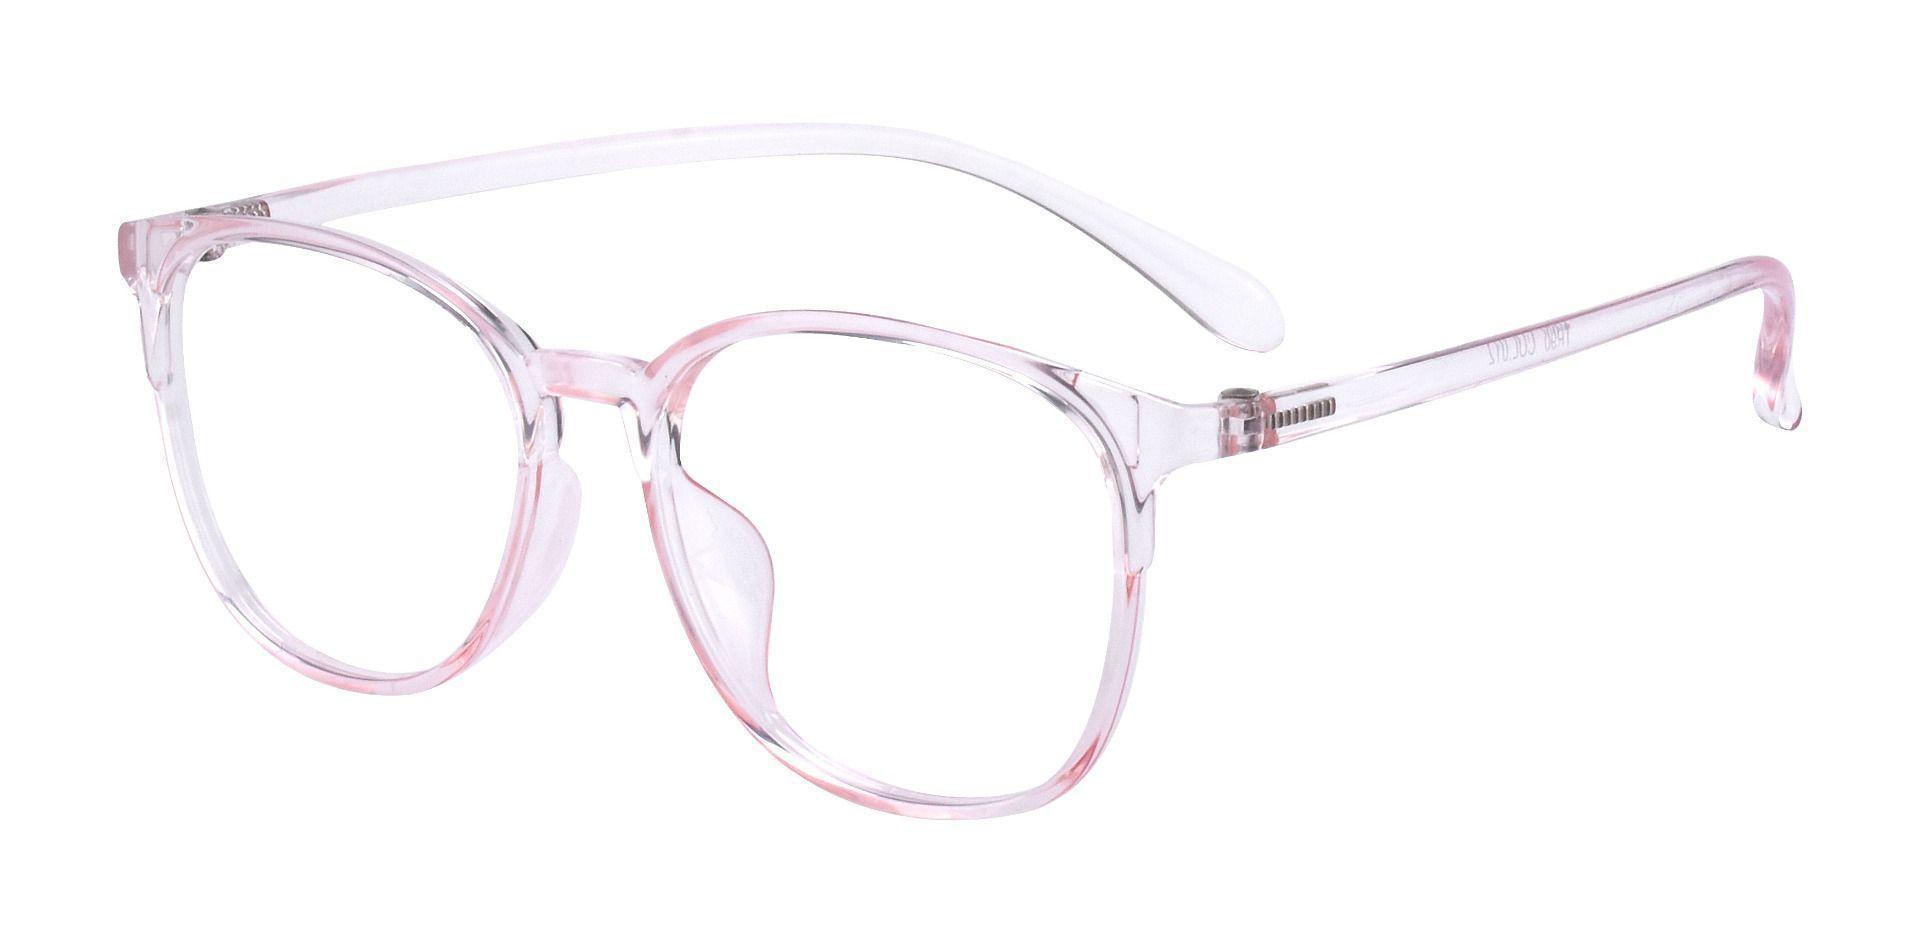 Priya Square Prescription Glasses - Pink